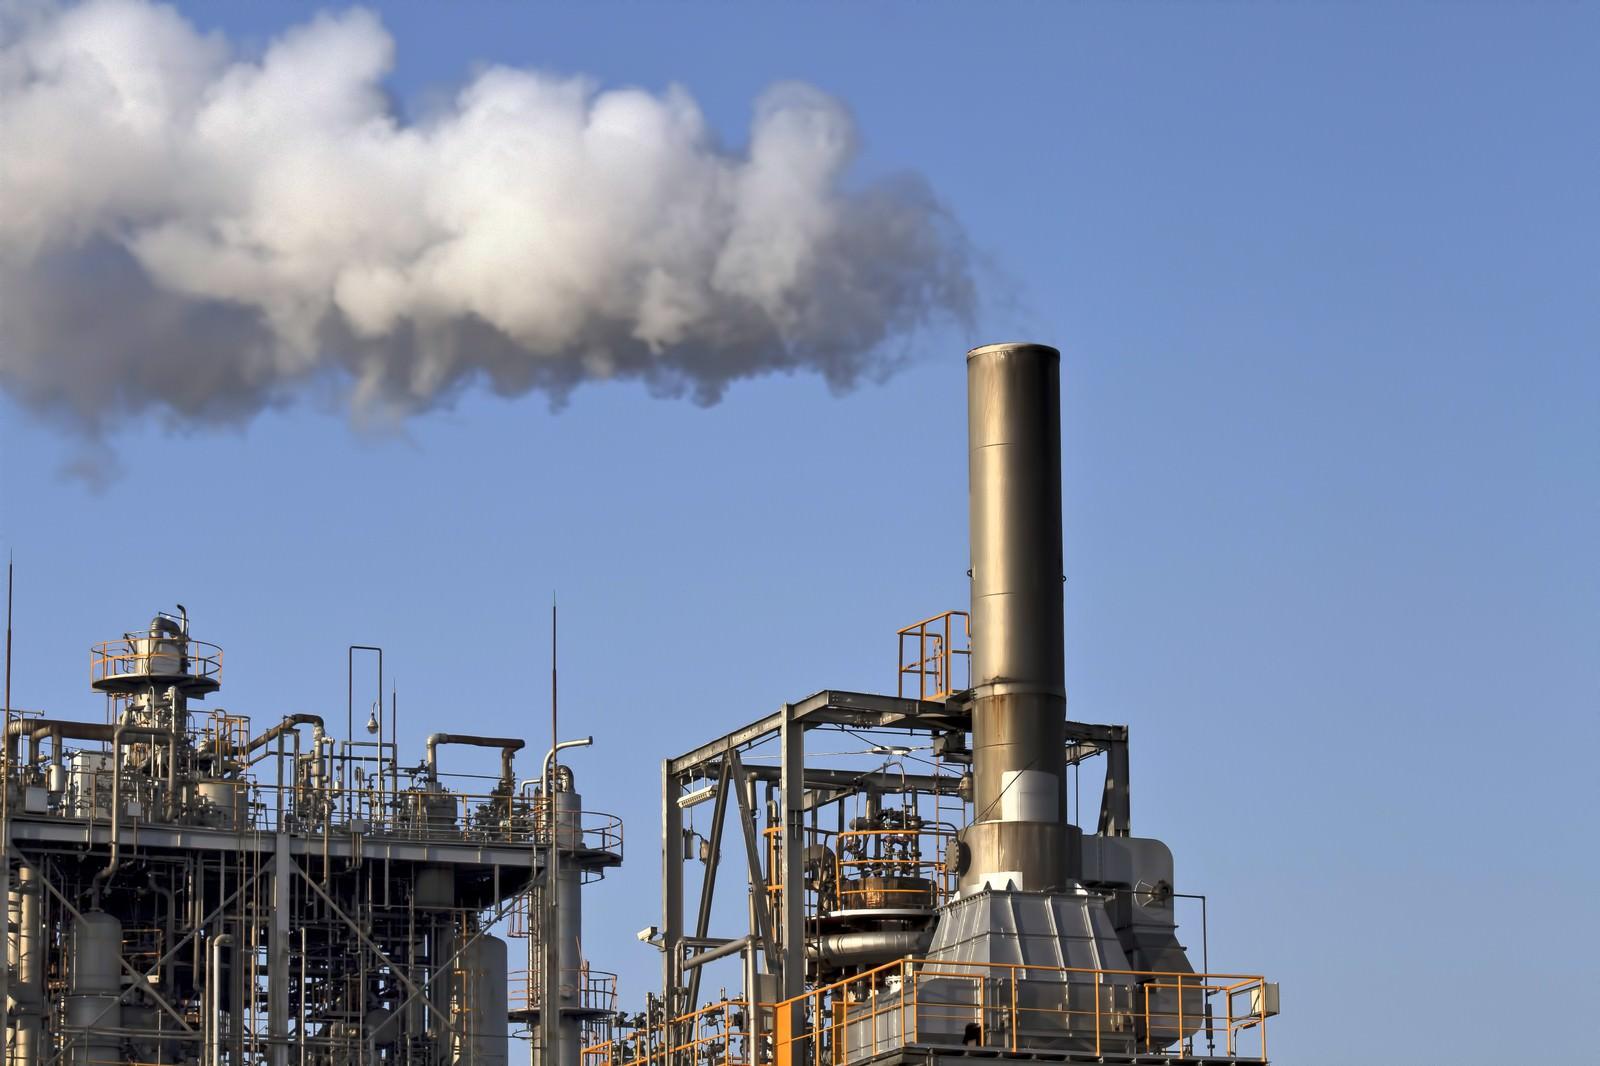 「煙をふく工場」